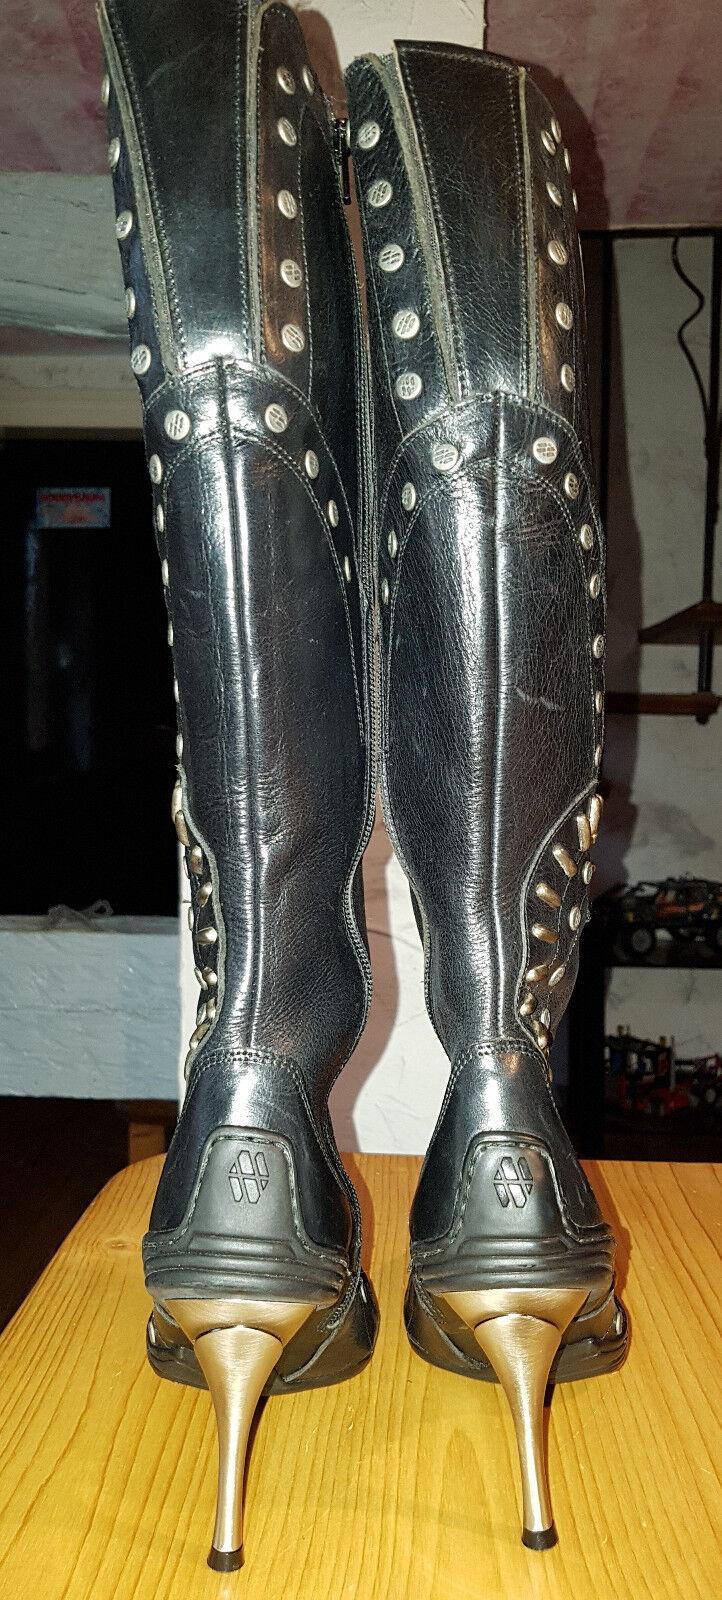 Designer Gr.38 Damen Lederstiefel Gr.38 Designer echt Leder schwarz 1c65f6